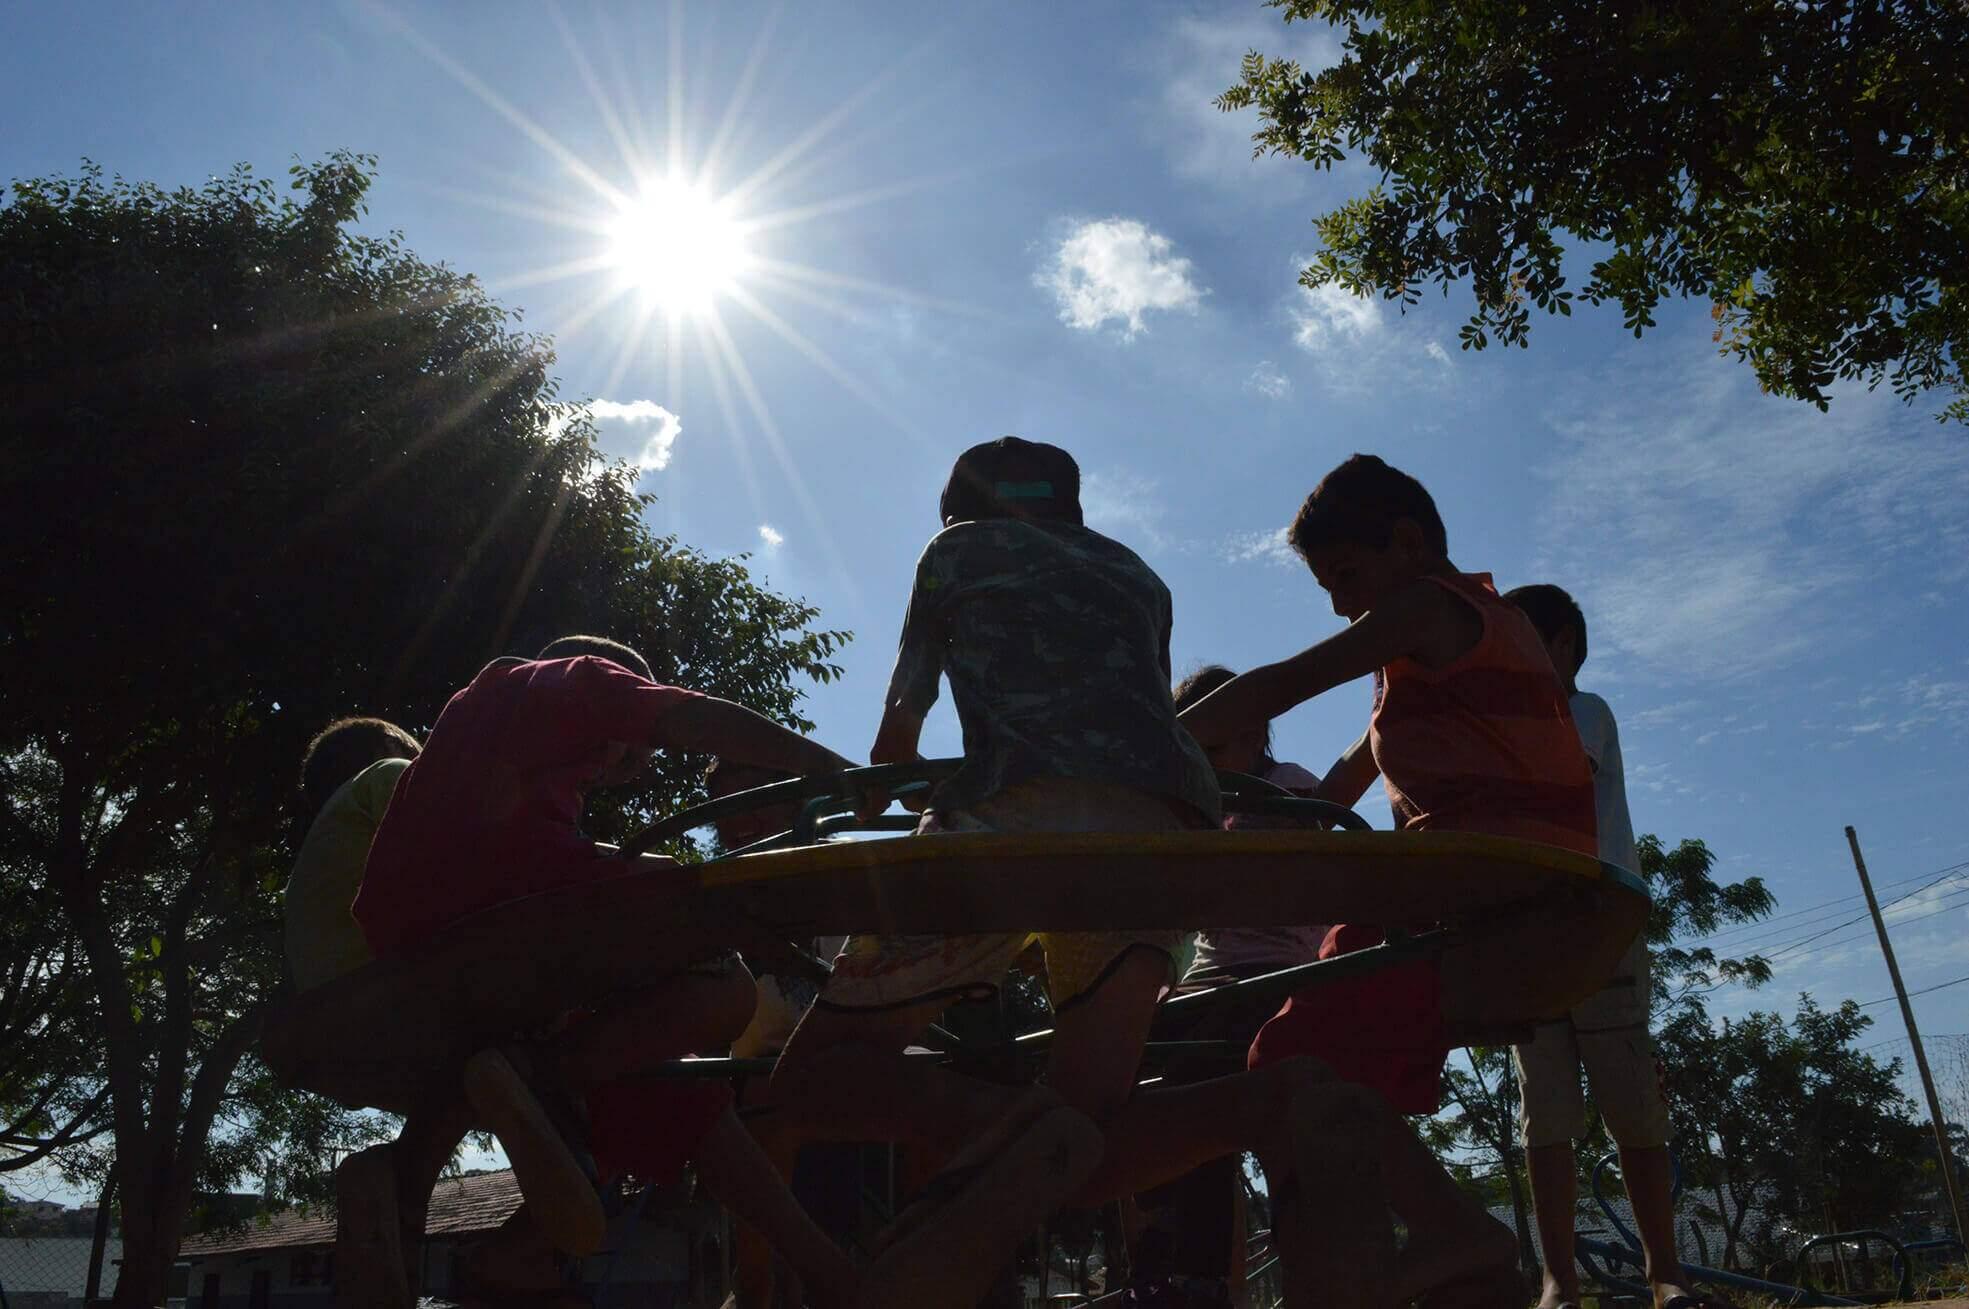 Crianças brincando no parquinho. Conteúdo Unicef